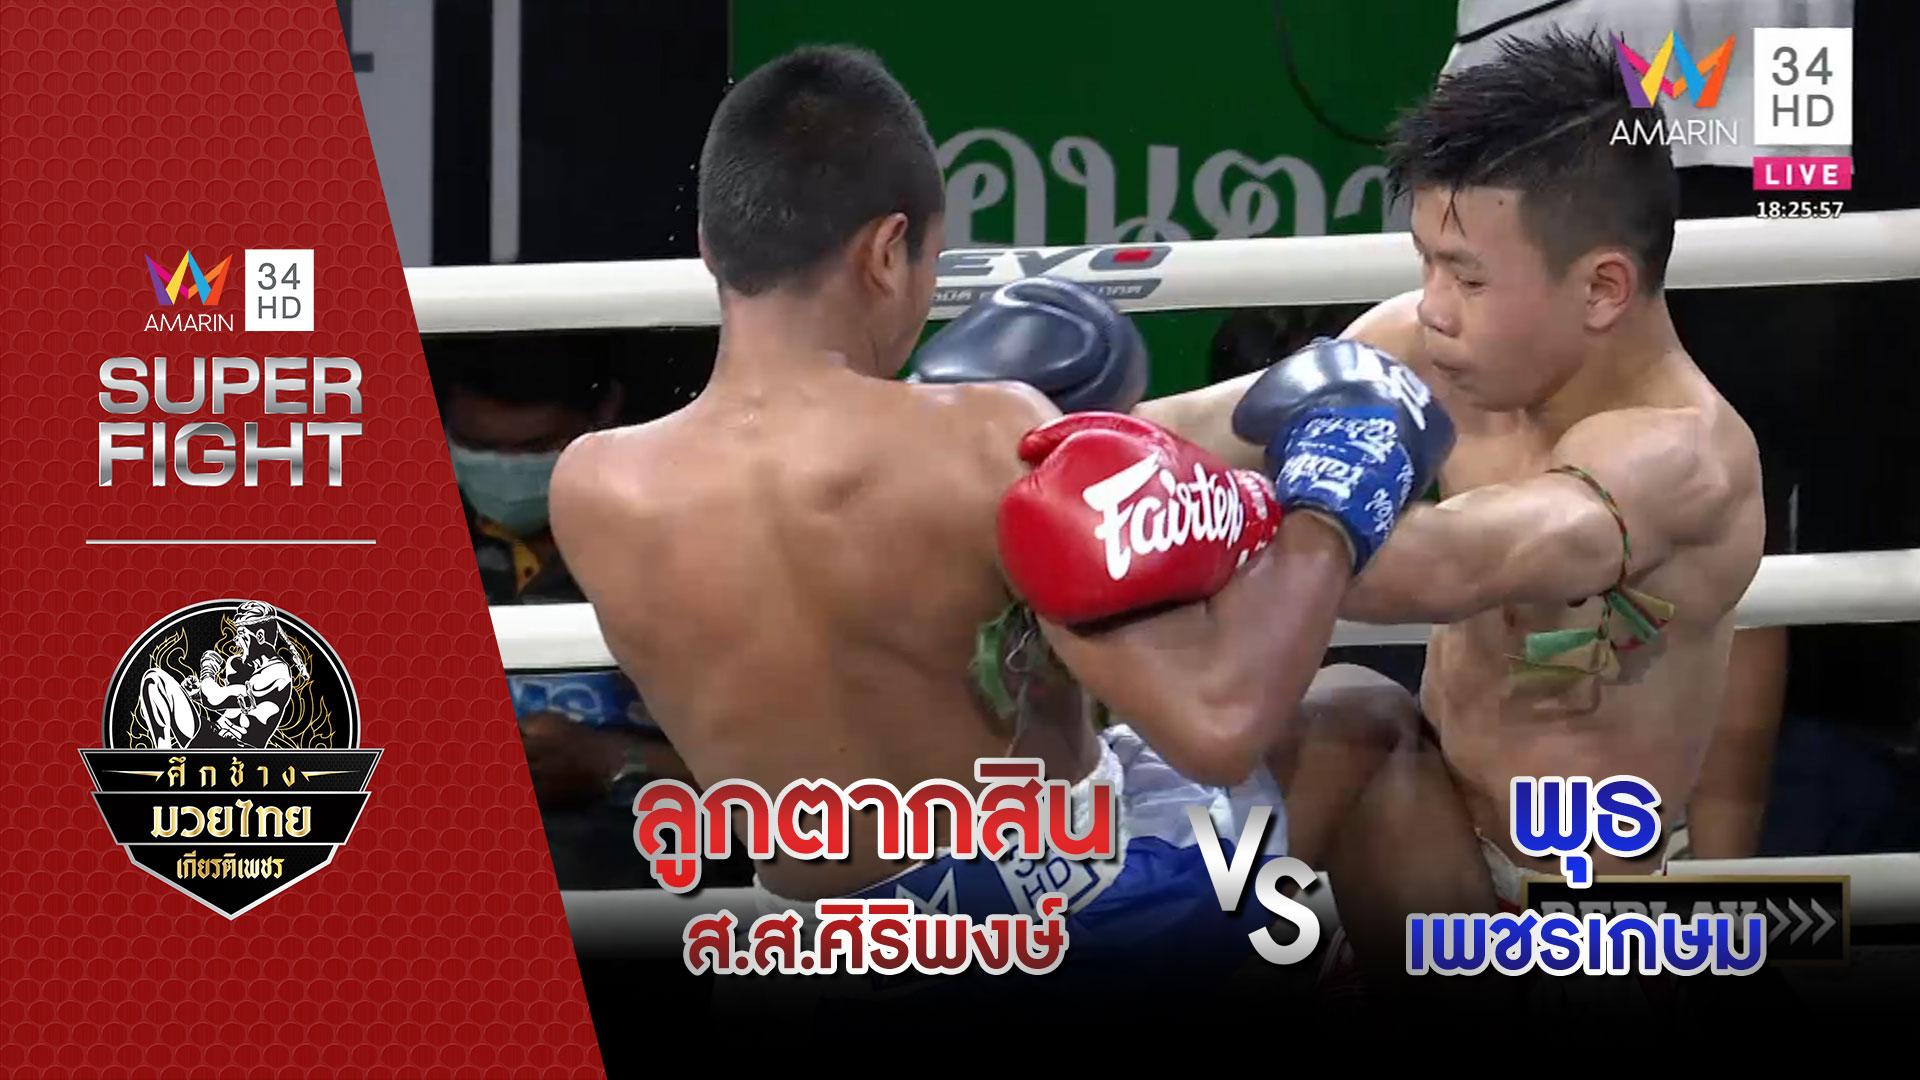 ลูกตากสิน ส.ส.ศิริพงษ์ Vs พุธ เพชรเกษม   อมรินทร์ซูเปอร์ไฟต์ ศึกช้างมวยไทยเกียรติเพชร   15 มี.ค. 63   AMARIN TVHD34